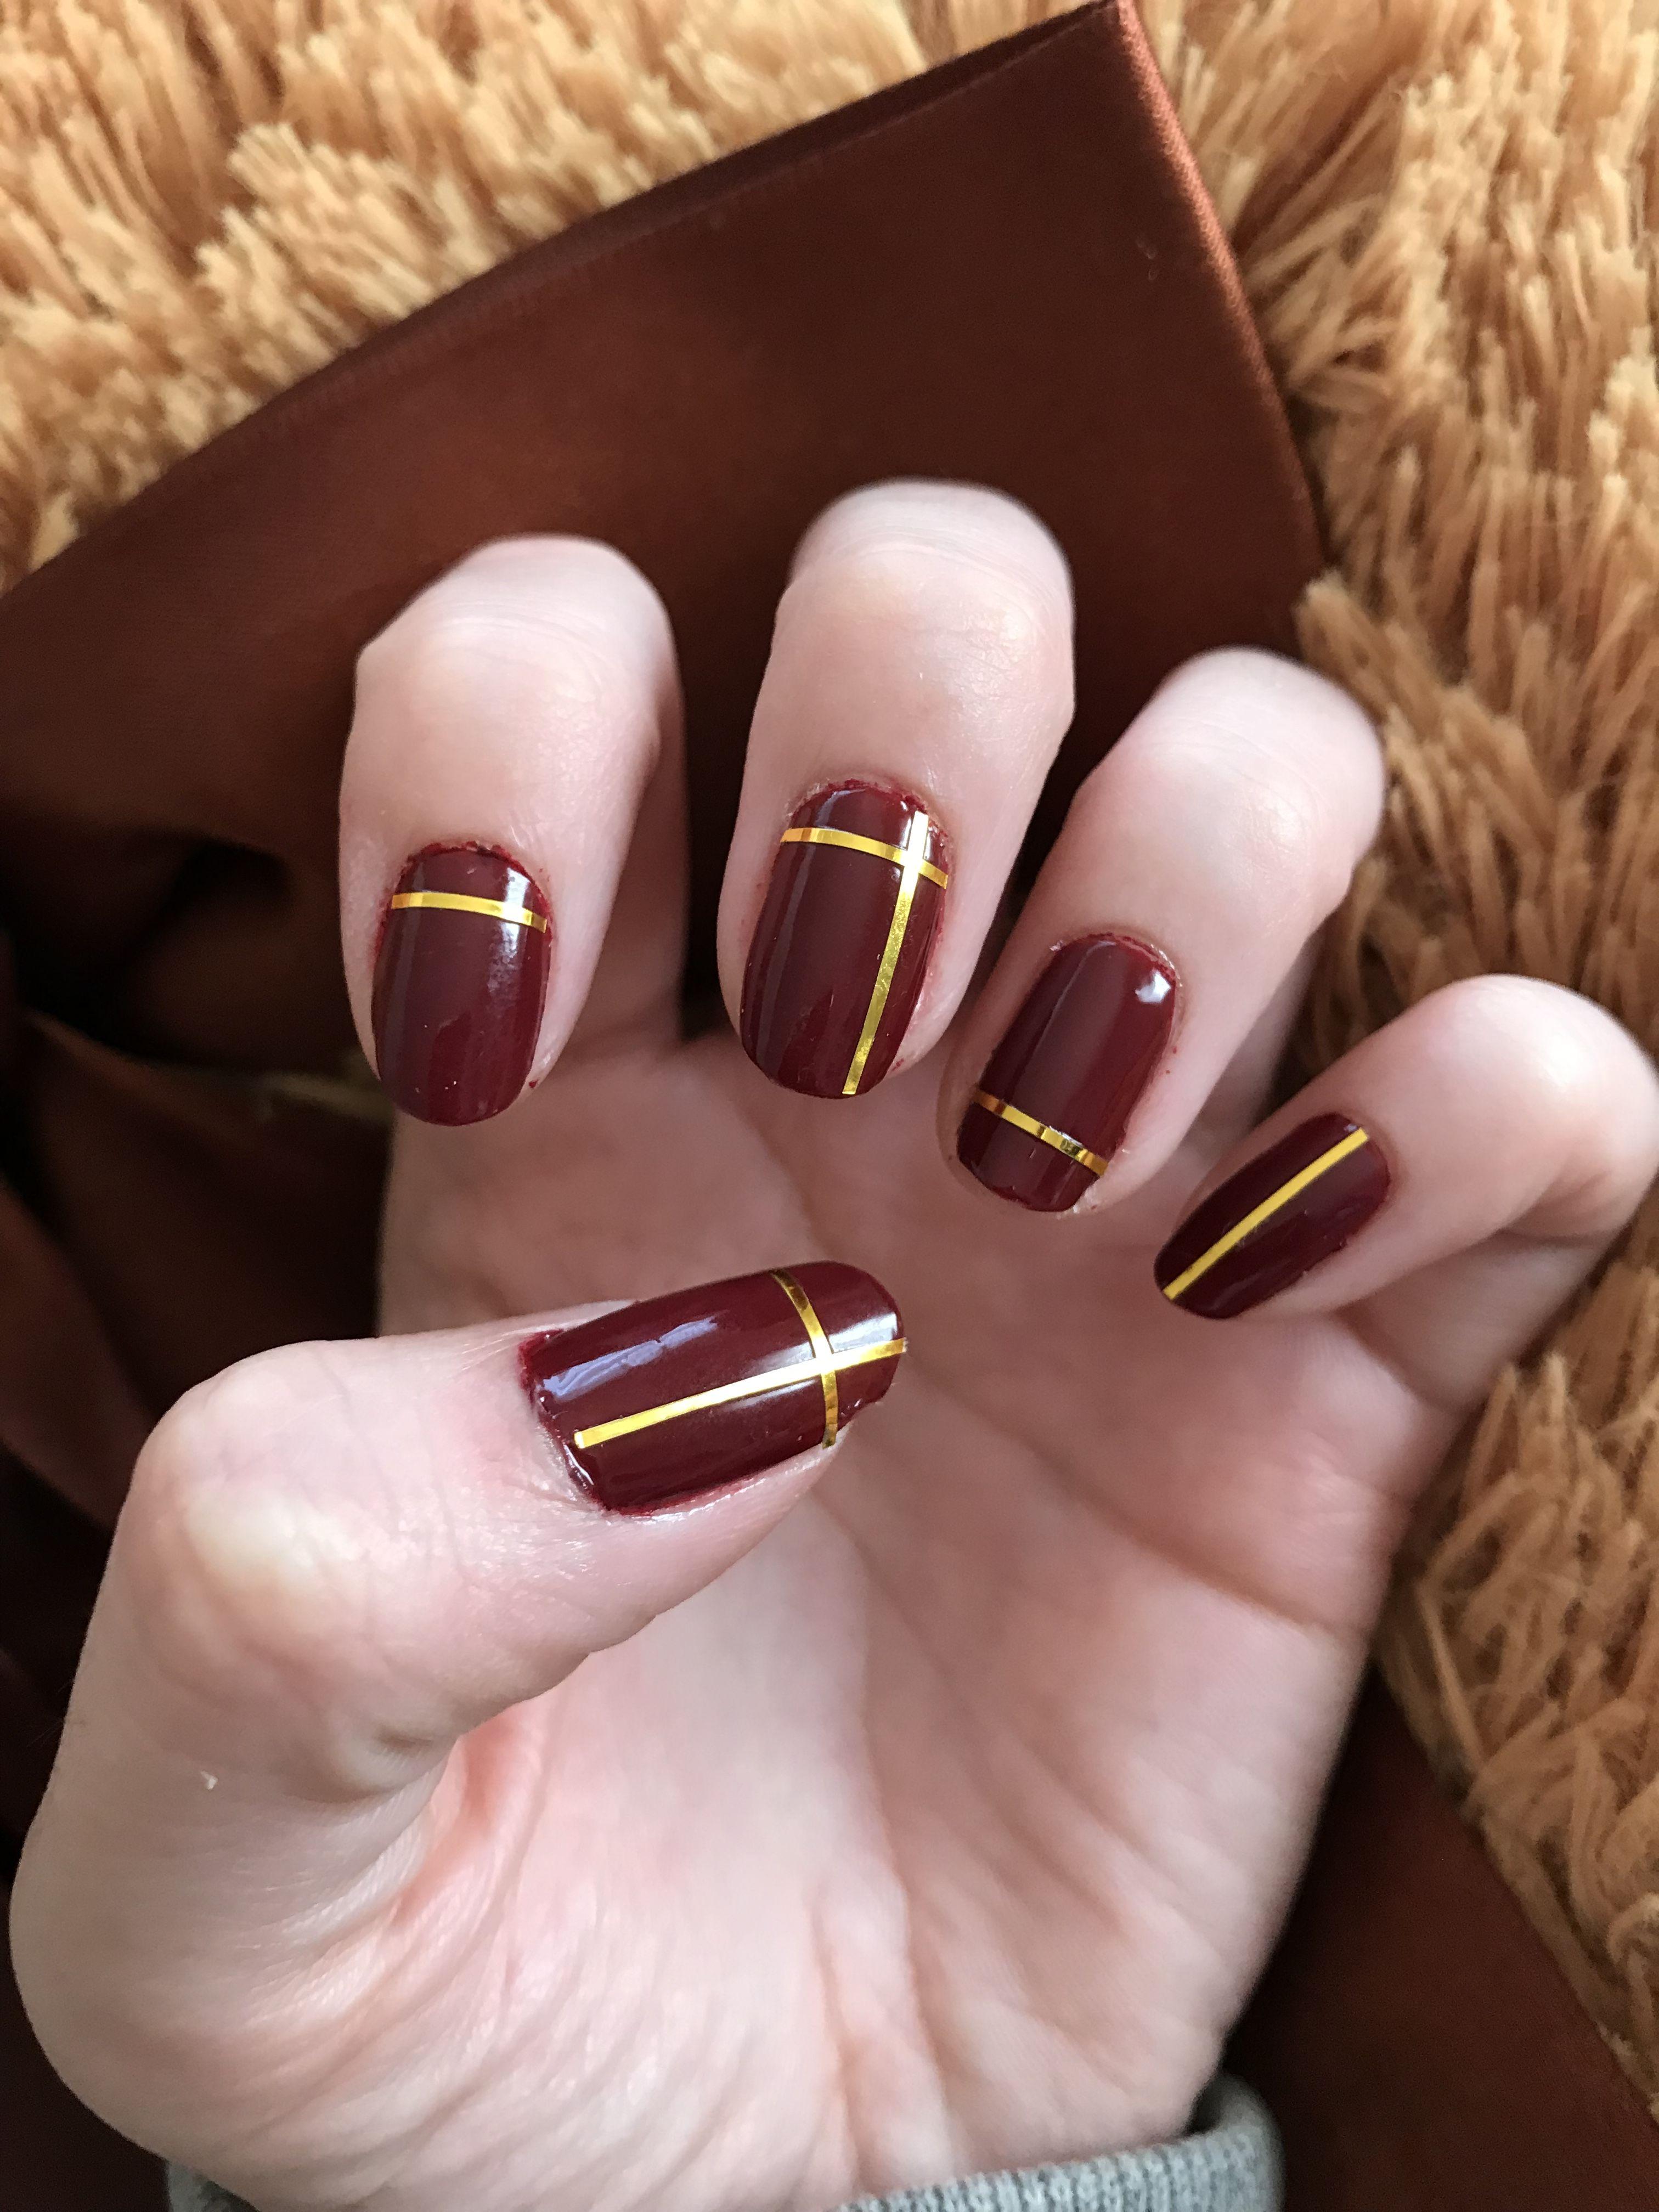 Christmas gift nails #nails #nailart #Christmasnails | Wow nails ...